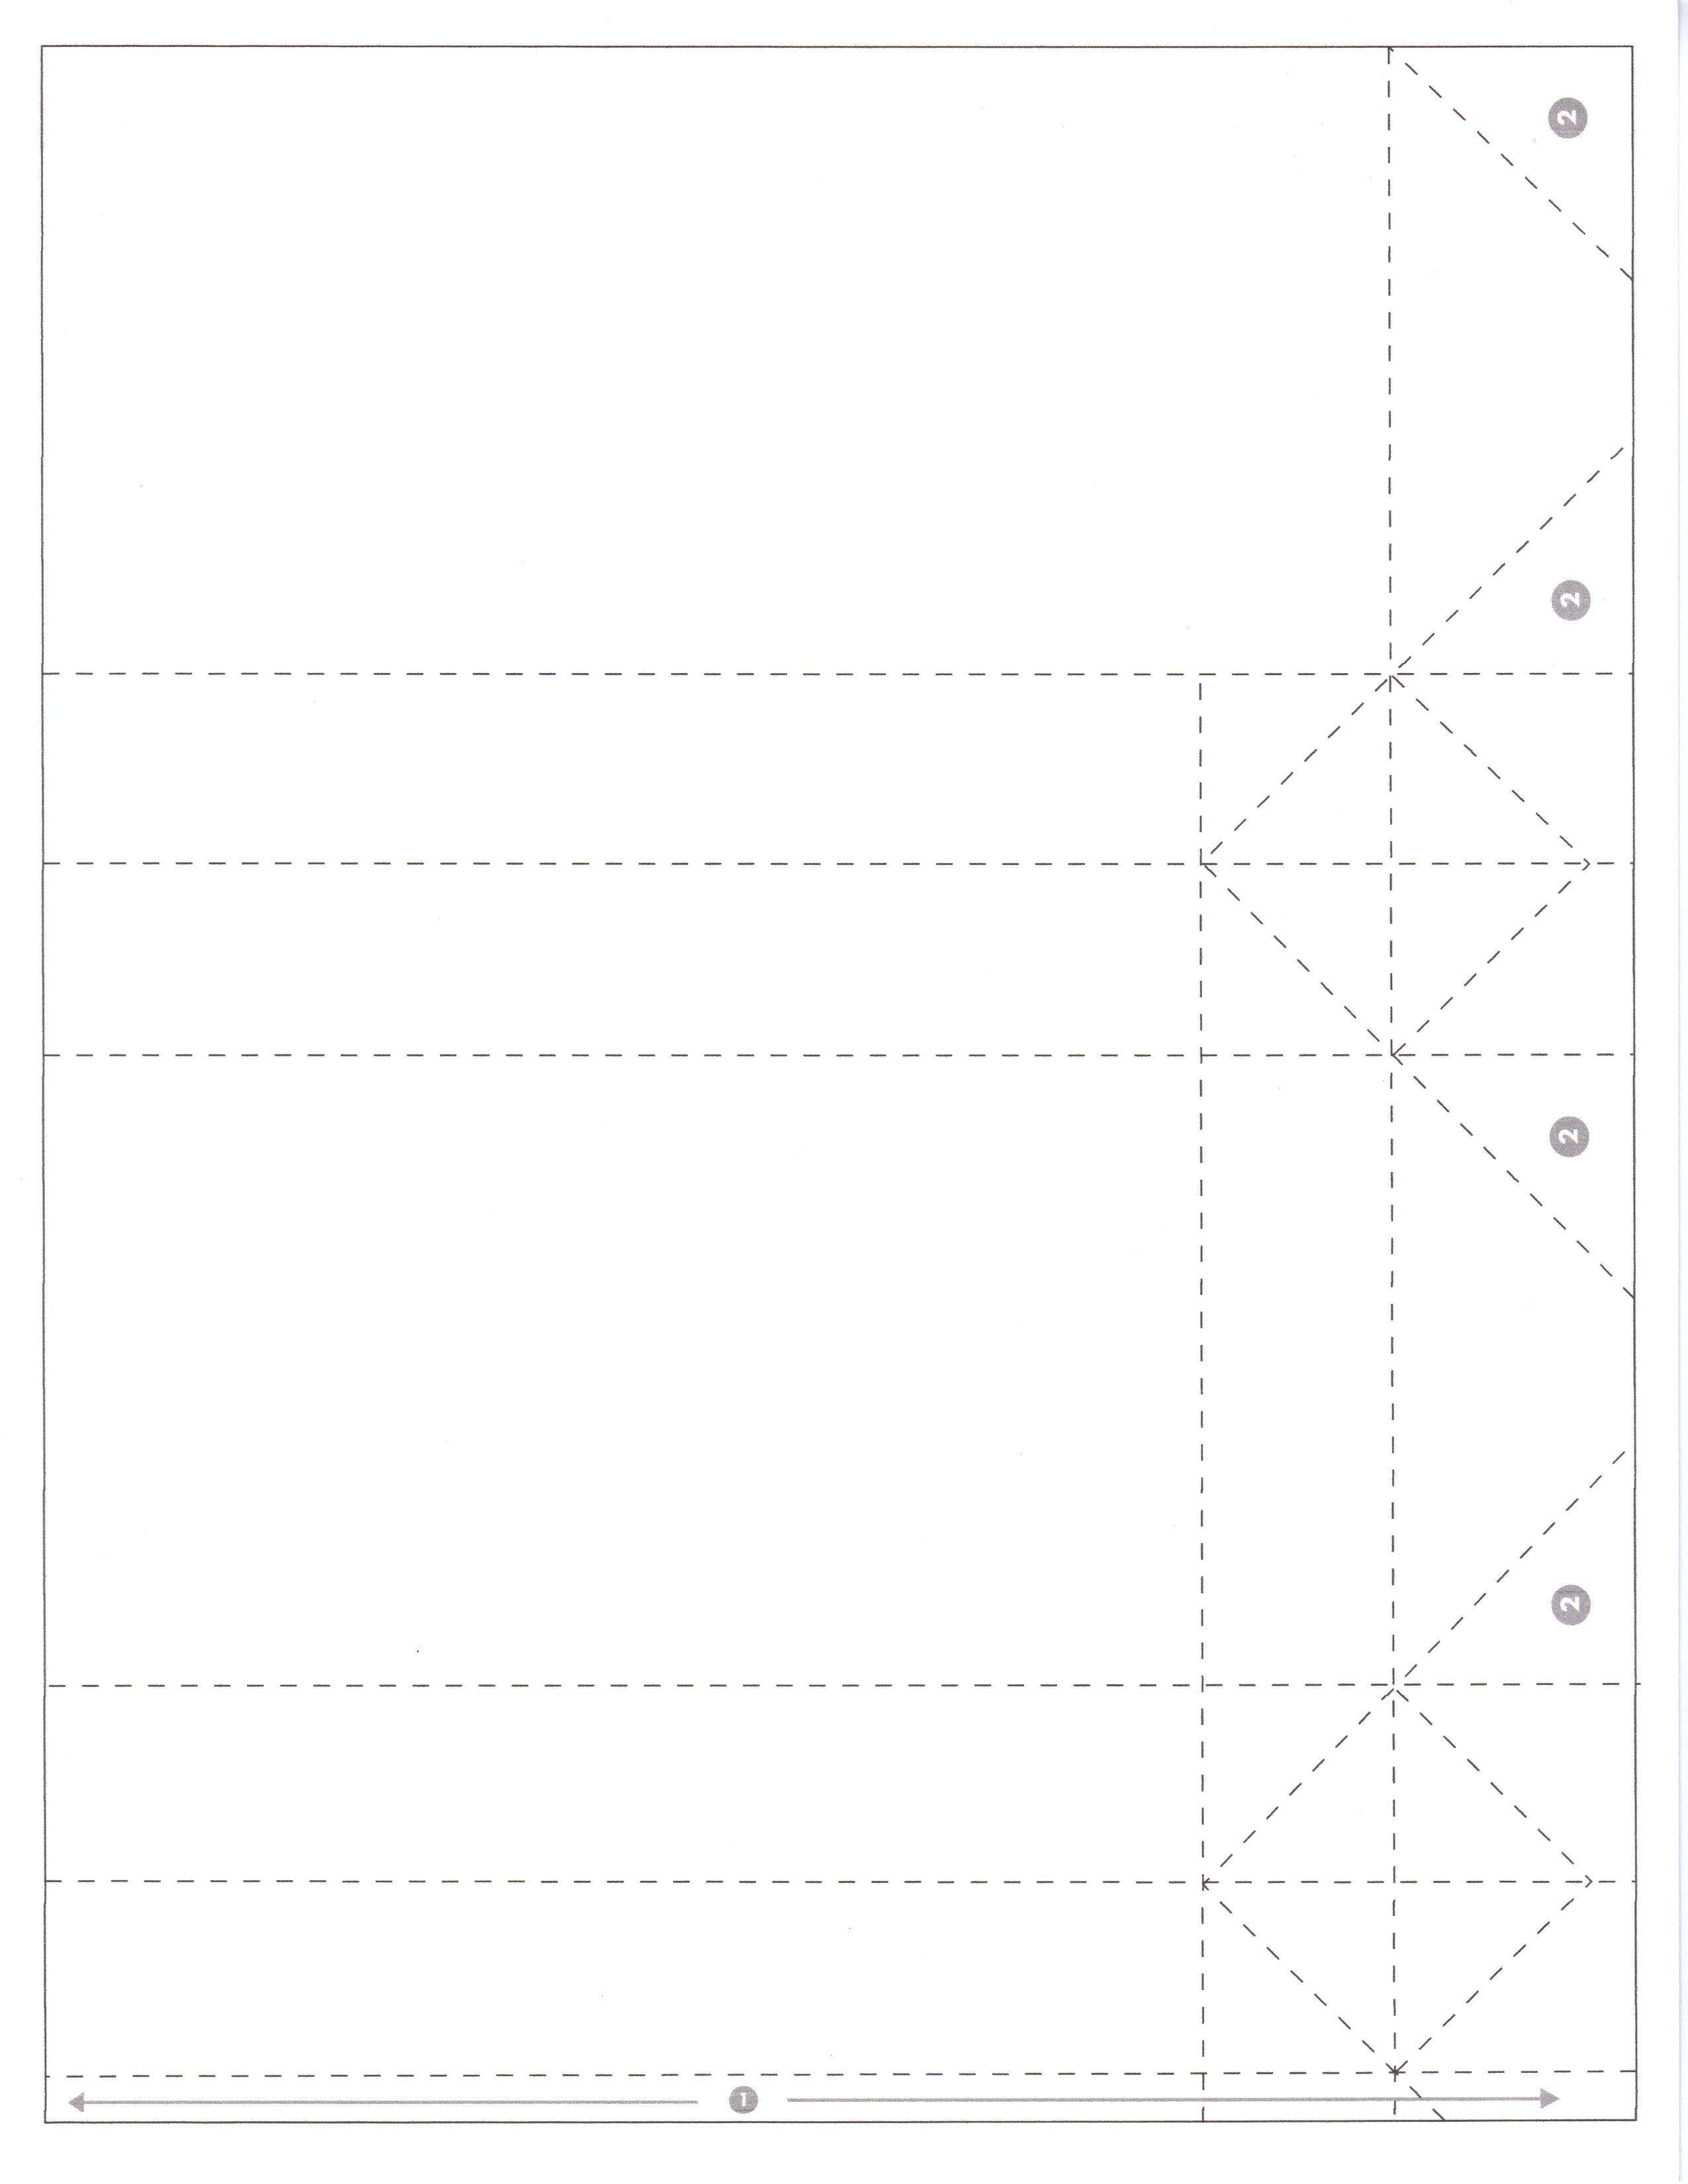 Tote bag template illustrator - Treat Bag Template Craftbits Diy Printable Gift Bag Pattern Treat Bag Template Craftbits Diy Printable T Bag Pattern